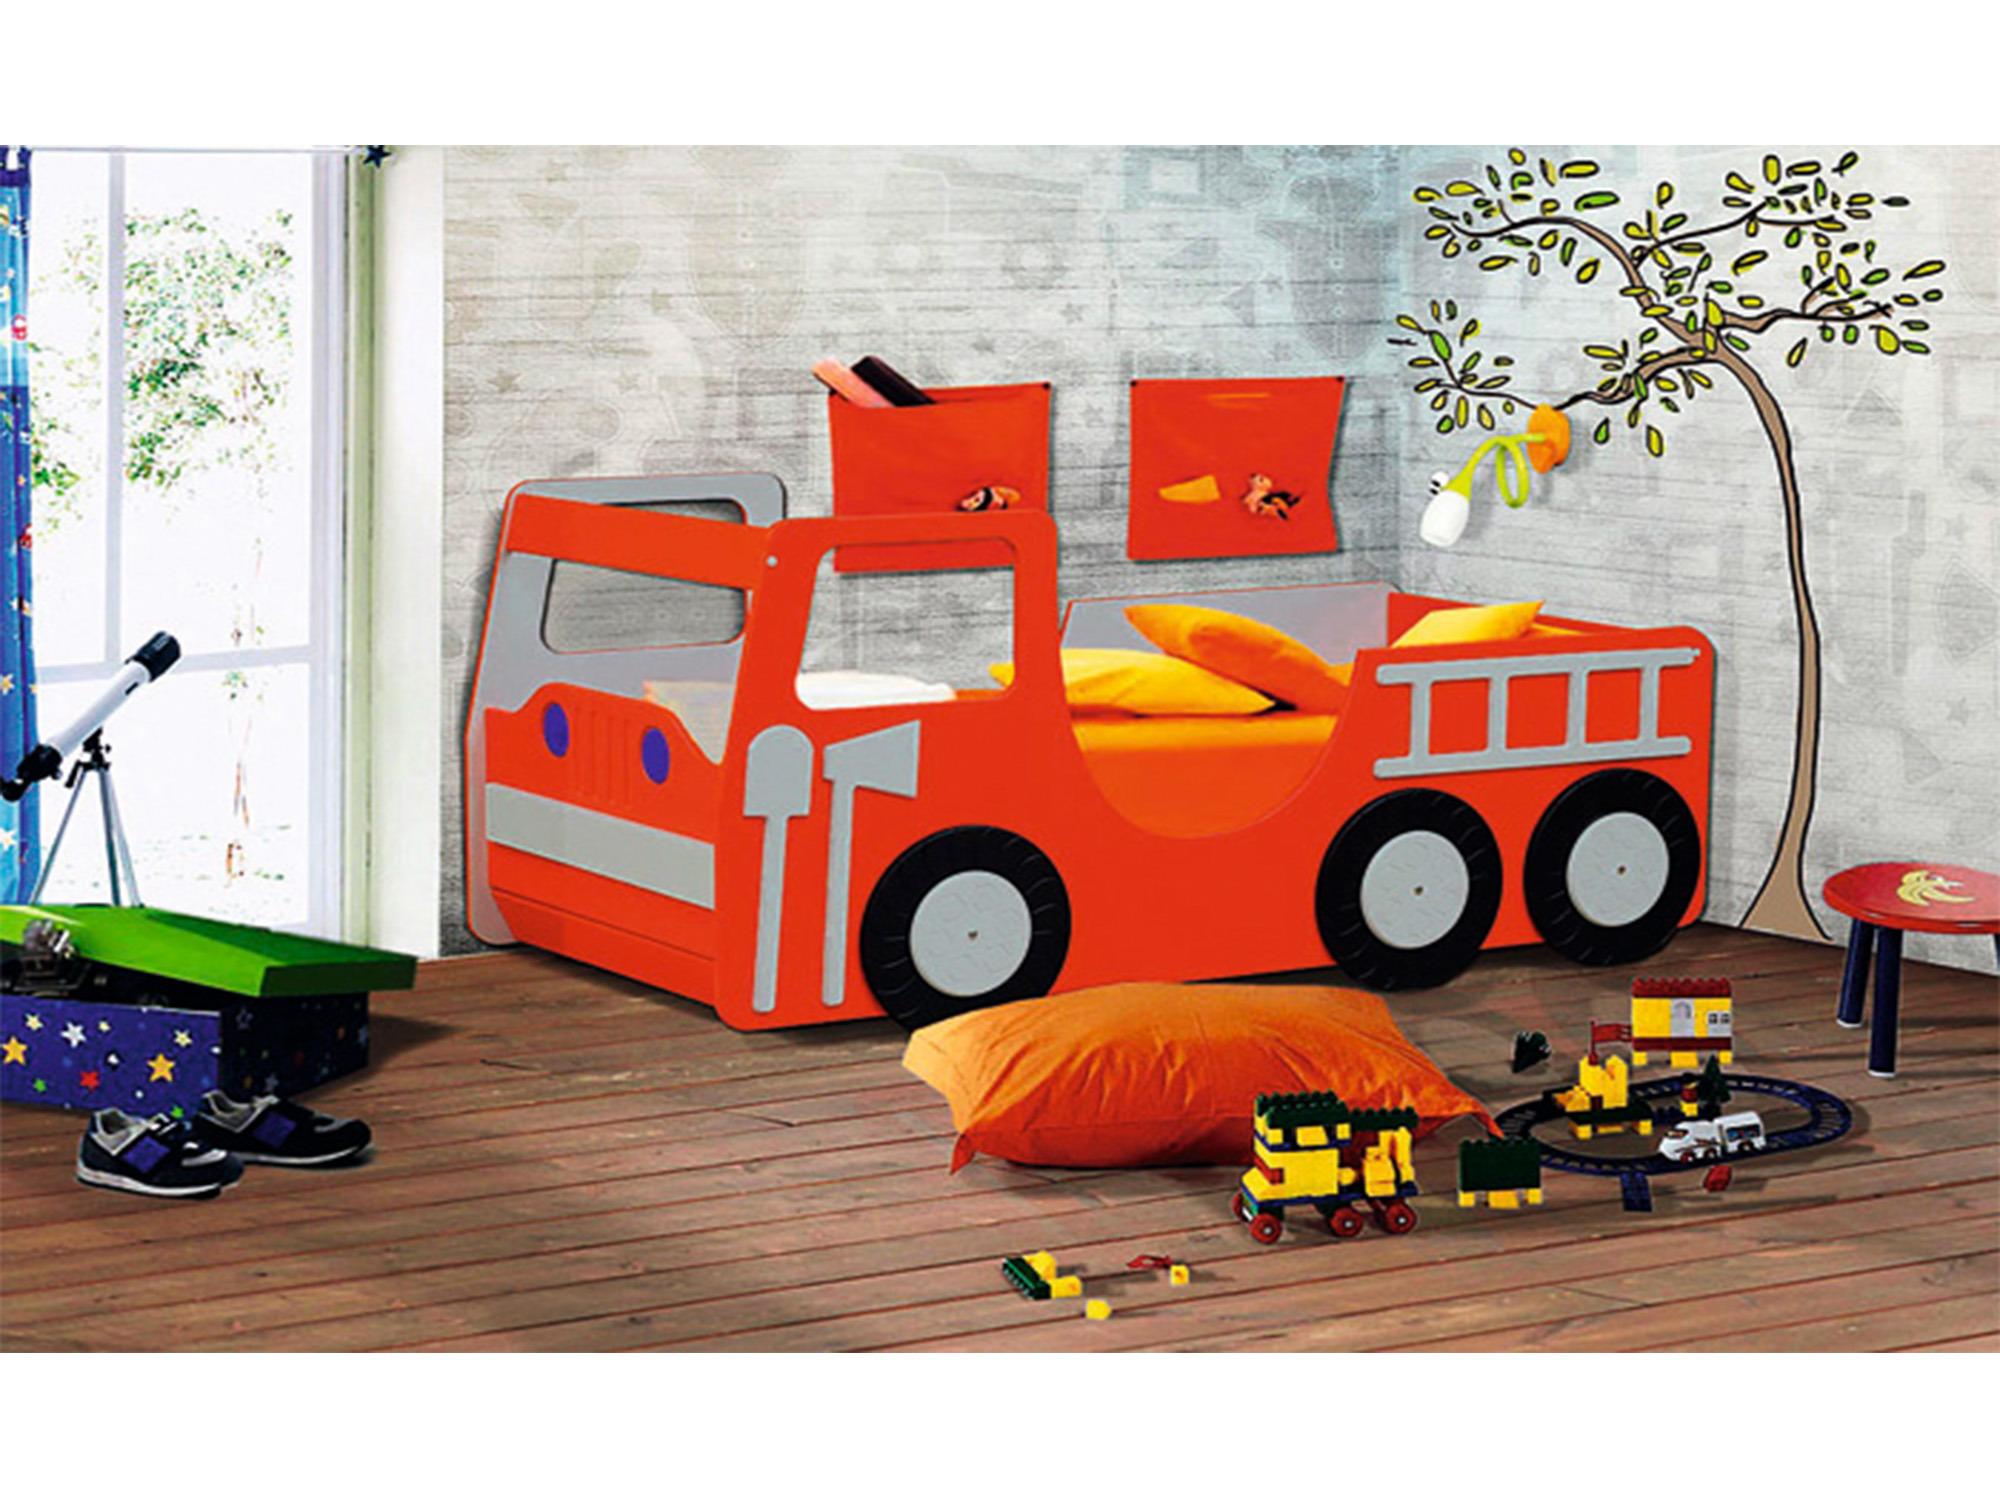 Кровать ПожарнаяДетские кровати<br><br><br>Длина мм: 840<br>Высота мм: 805<br>Глубина мм: 1810